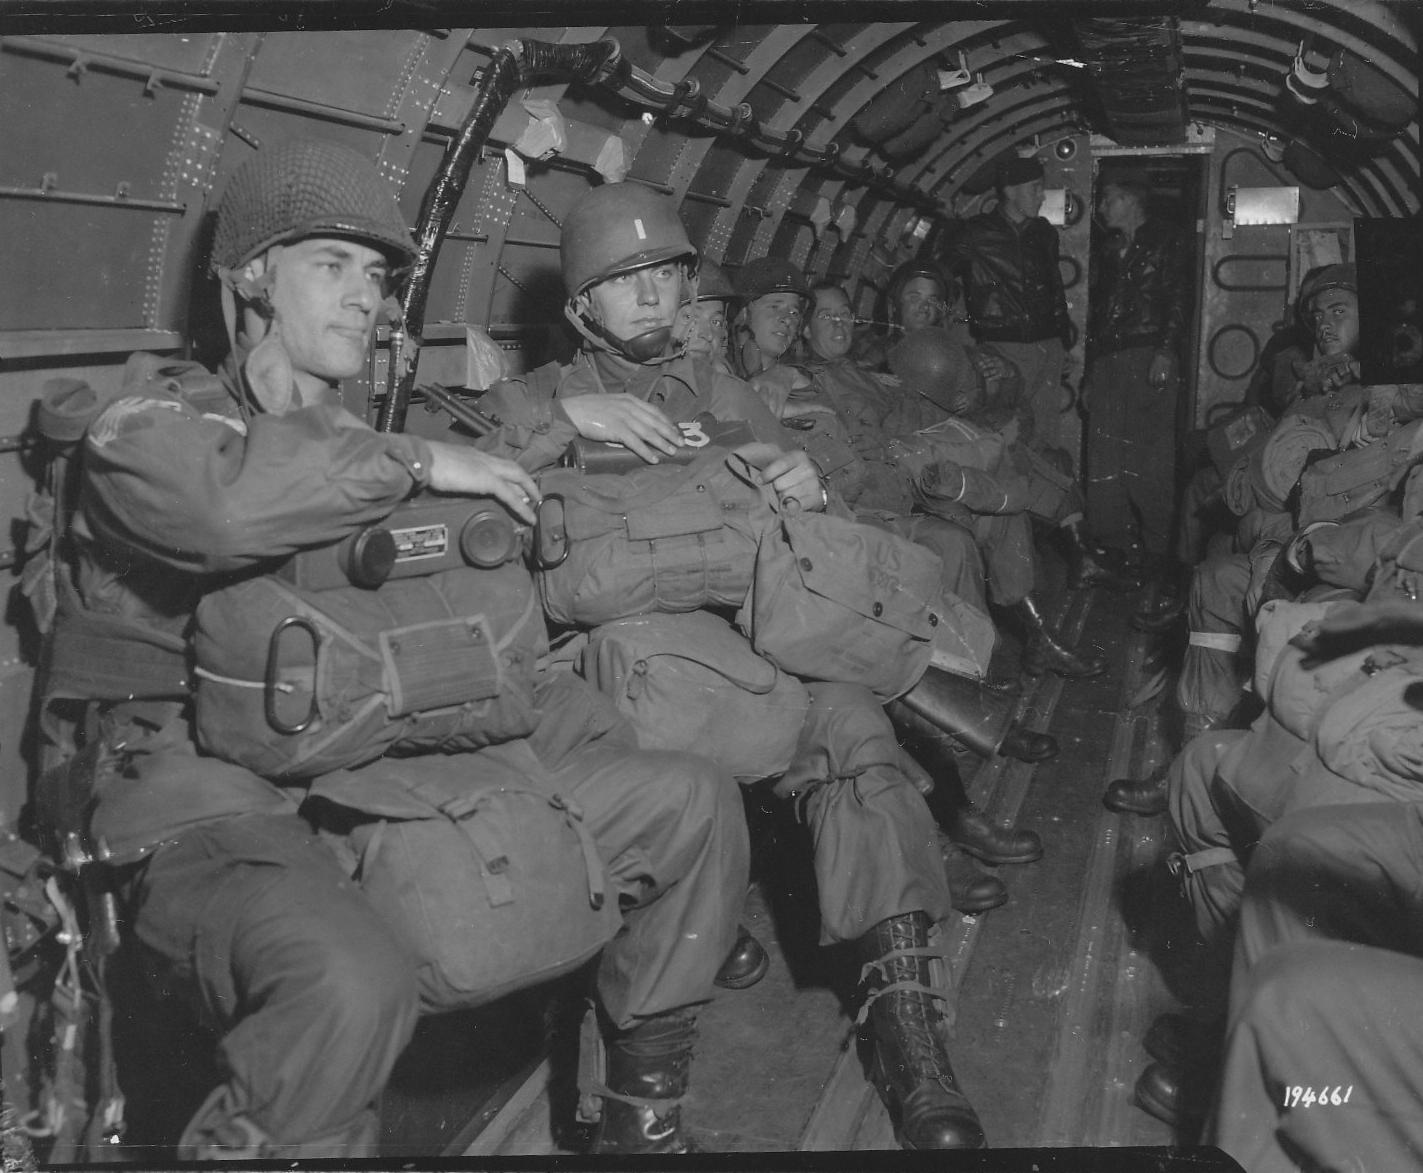 US paratroopers 17 Sep